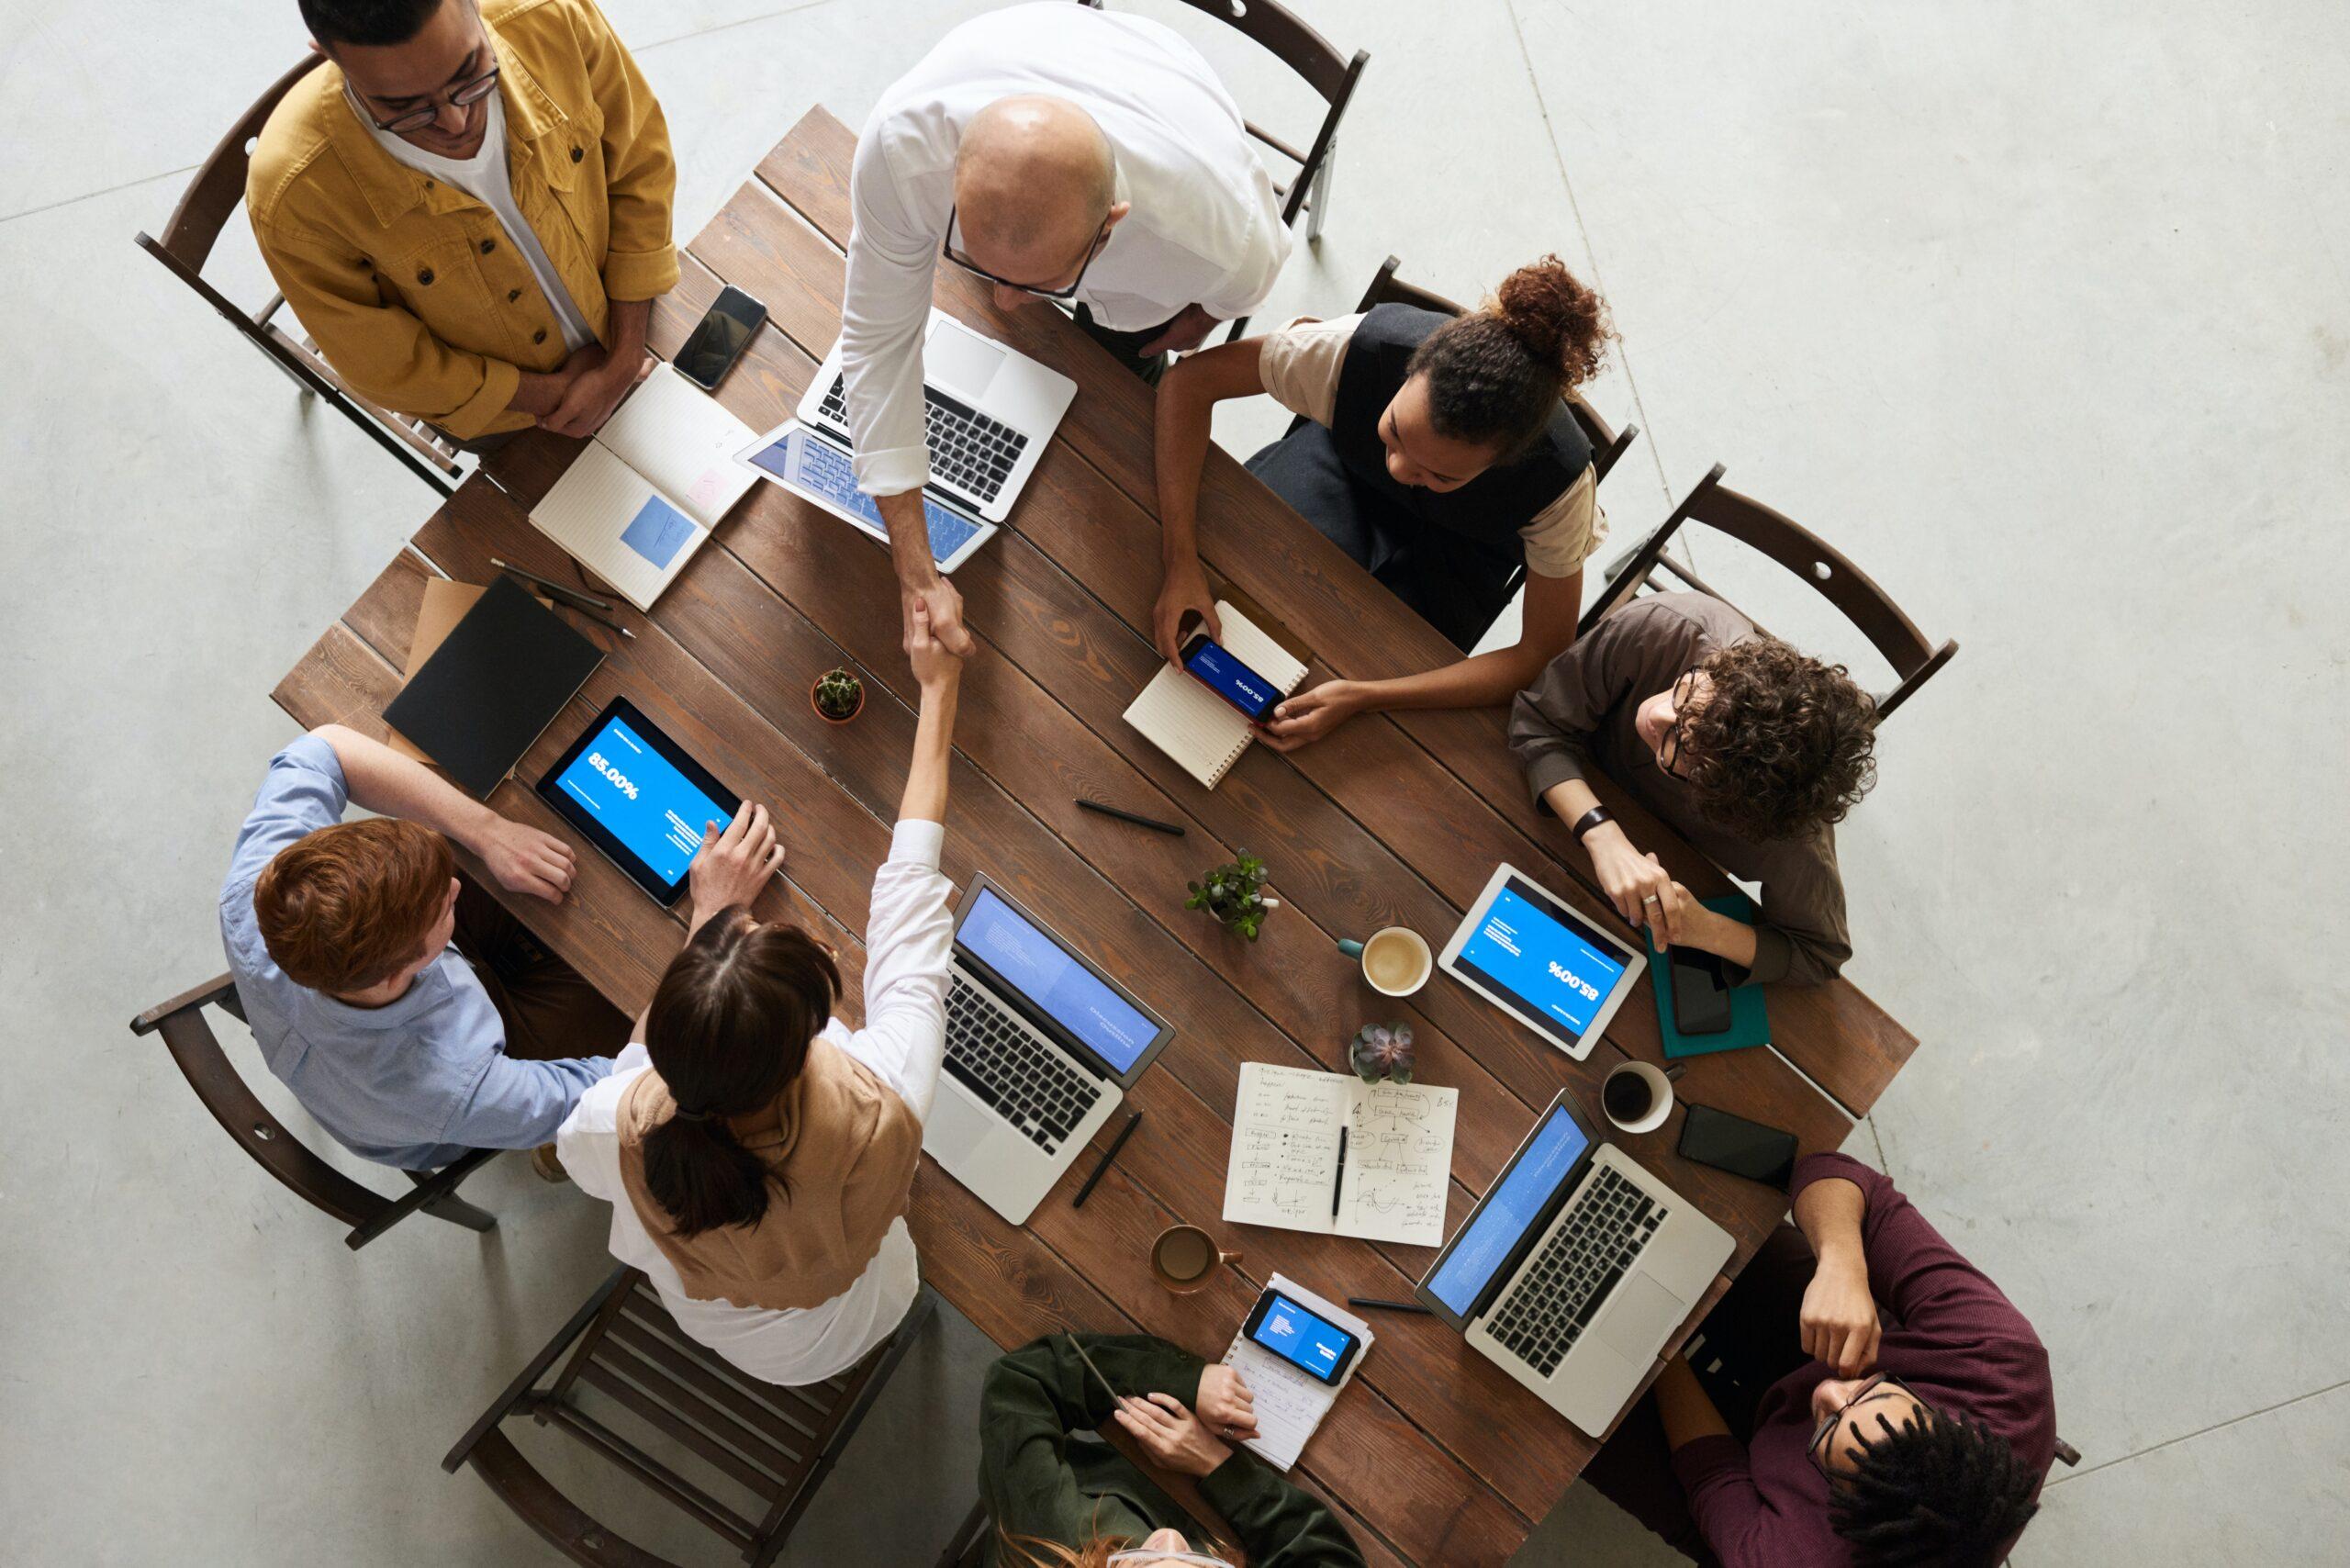 Vemos pessoas em reunião com laptops e cadernos enquanto duas dessas pessoas dão um aperto de mão, remetendo ao investidor profissional.